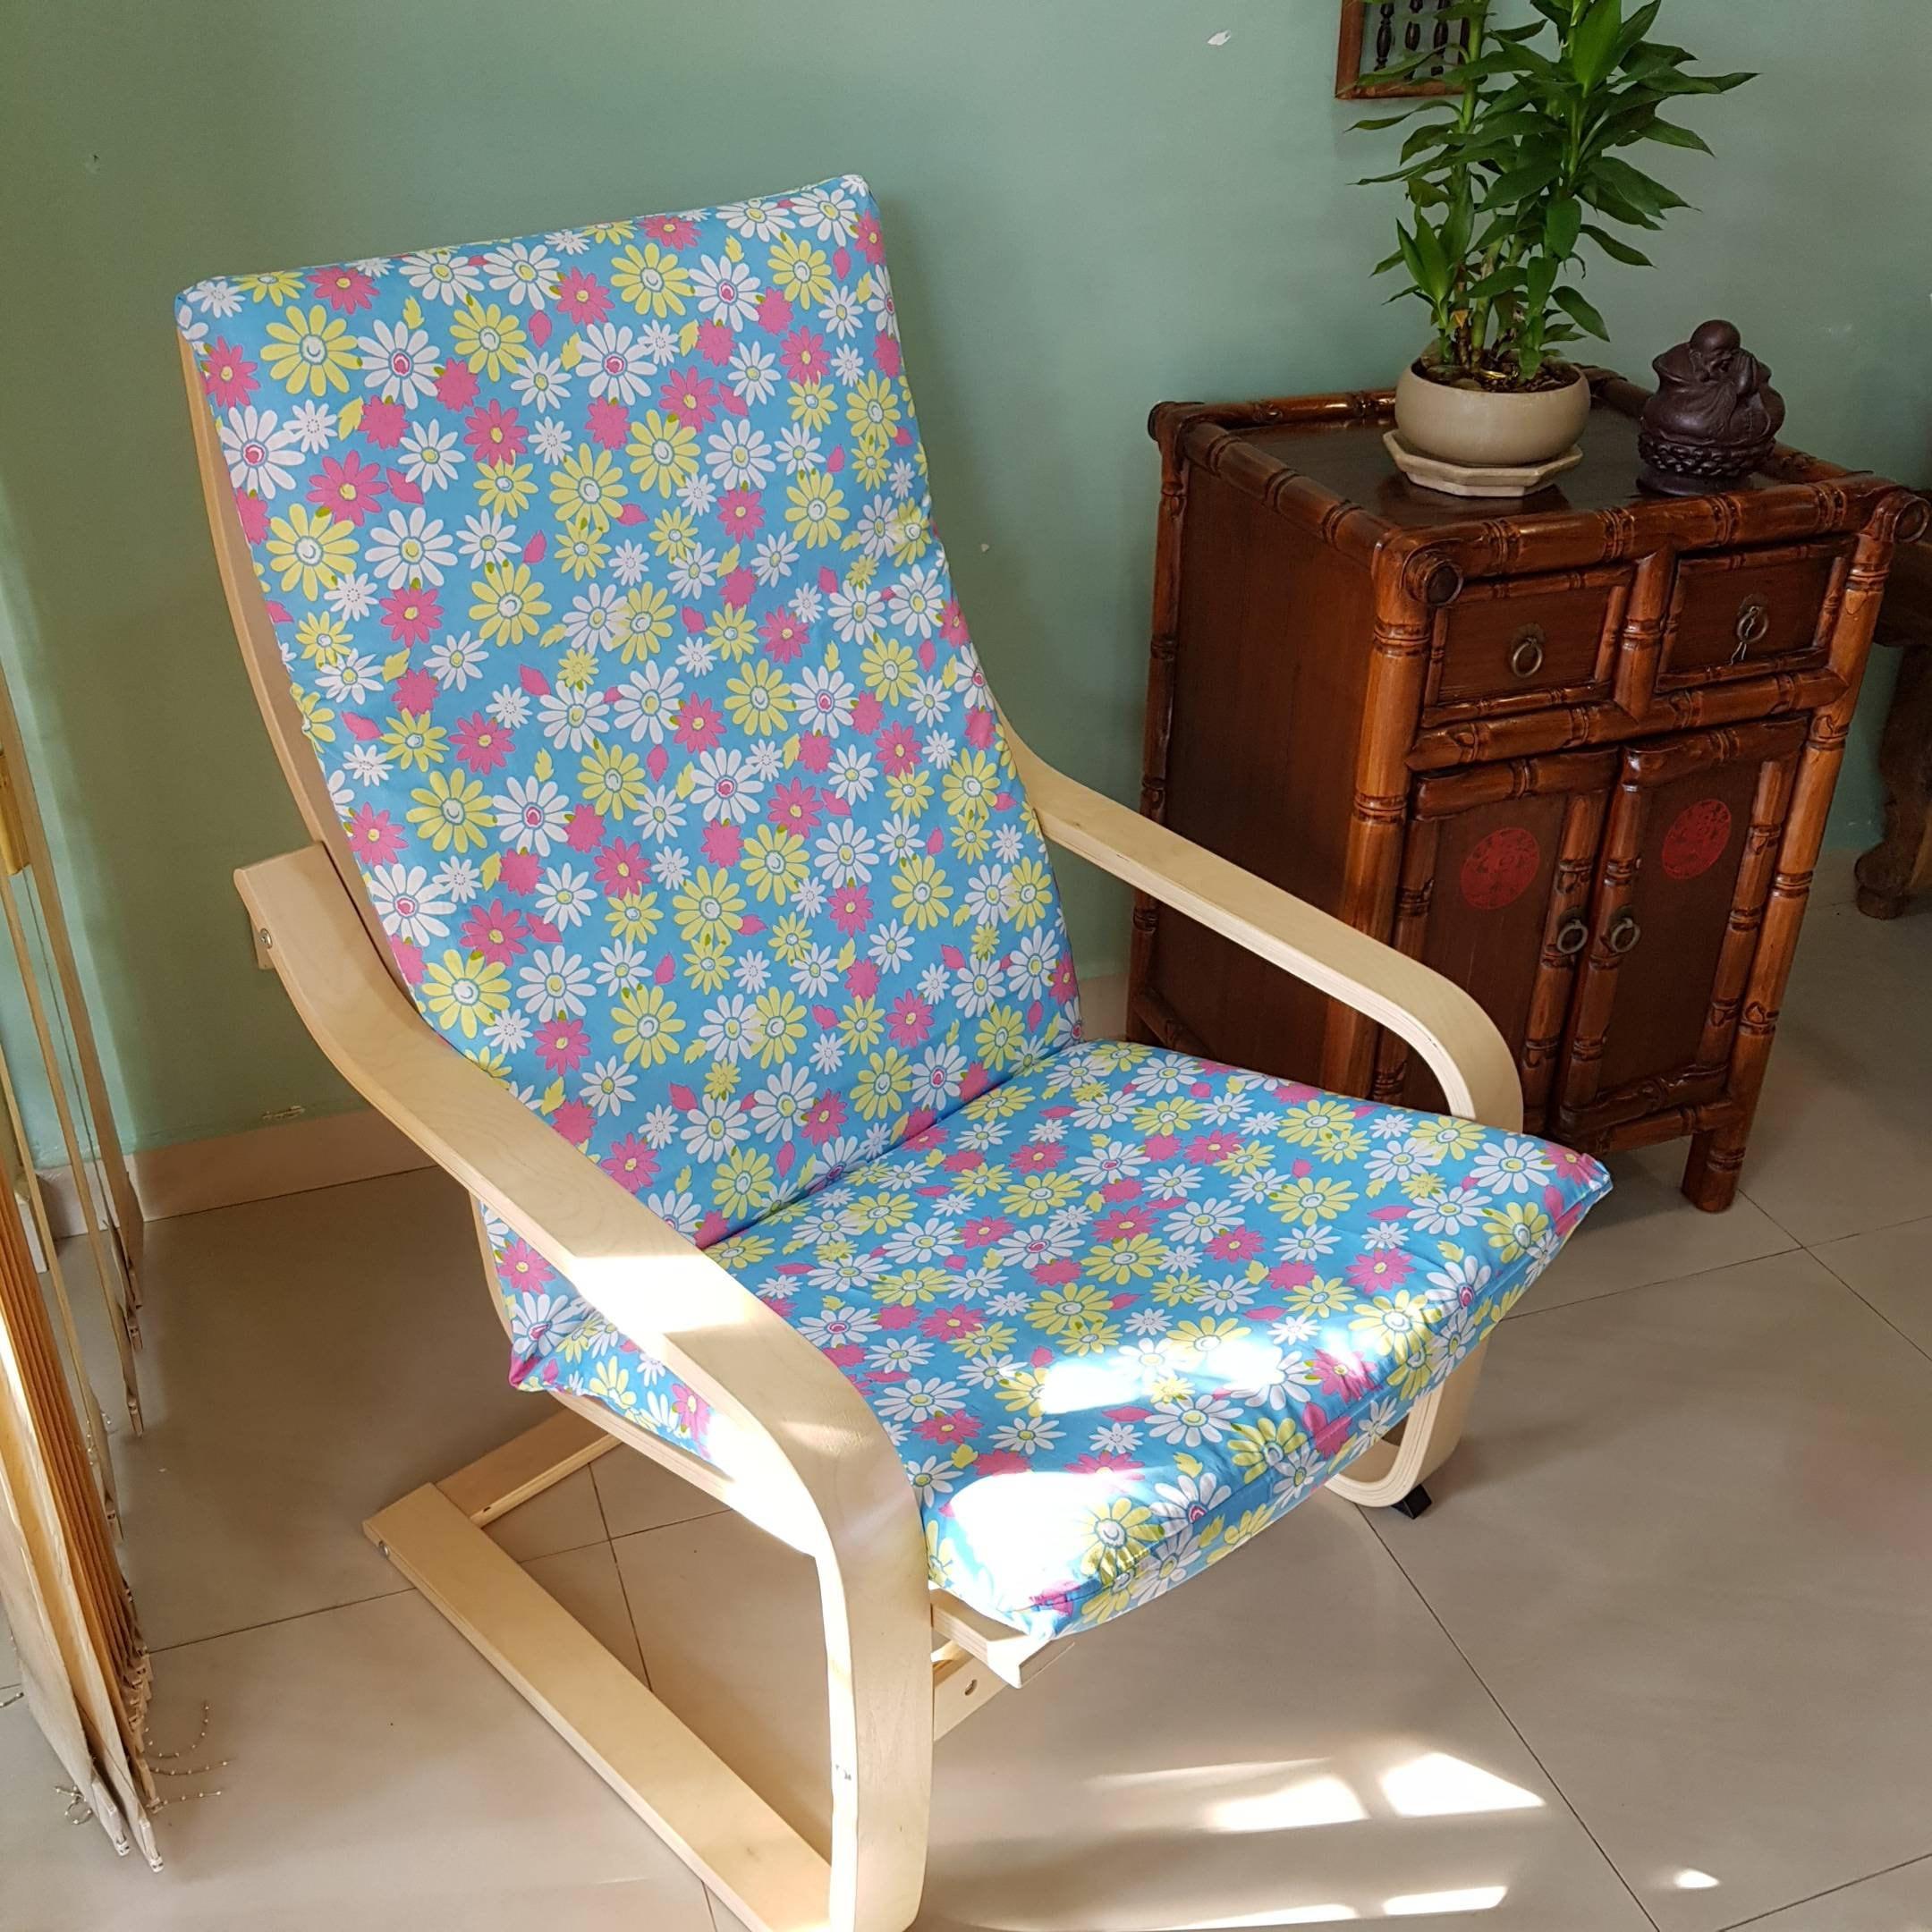 housse de coussin de chaise poang ikea  marguerite bleu